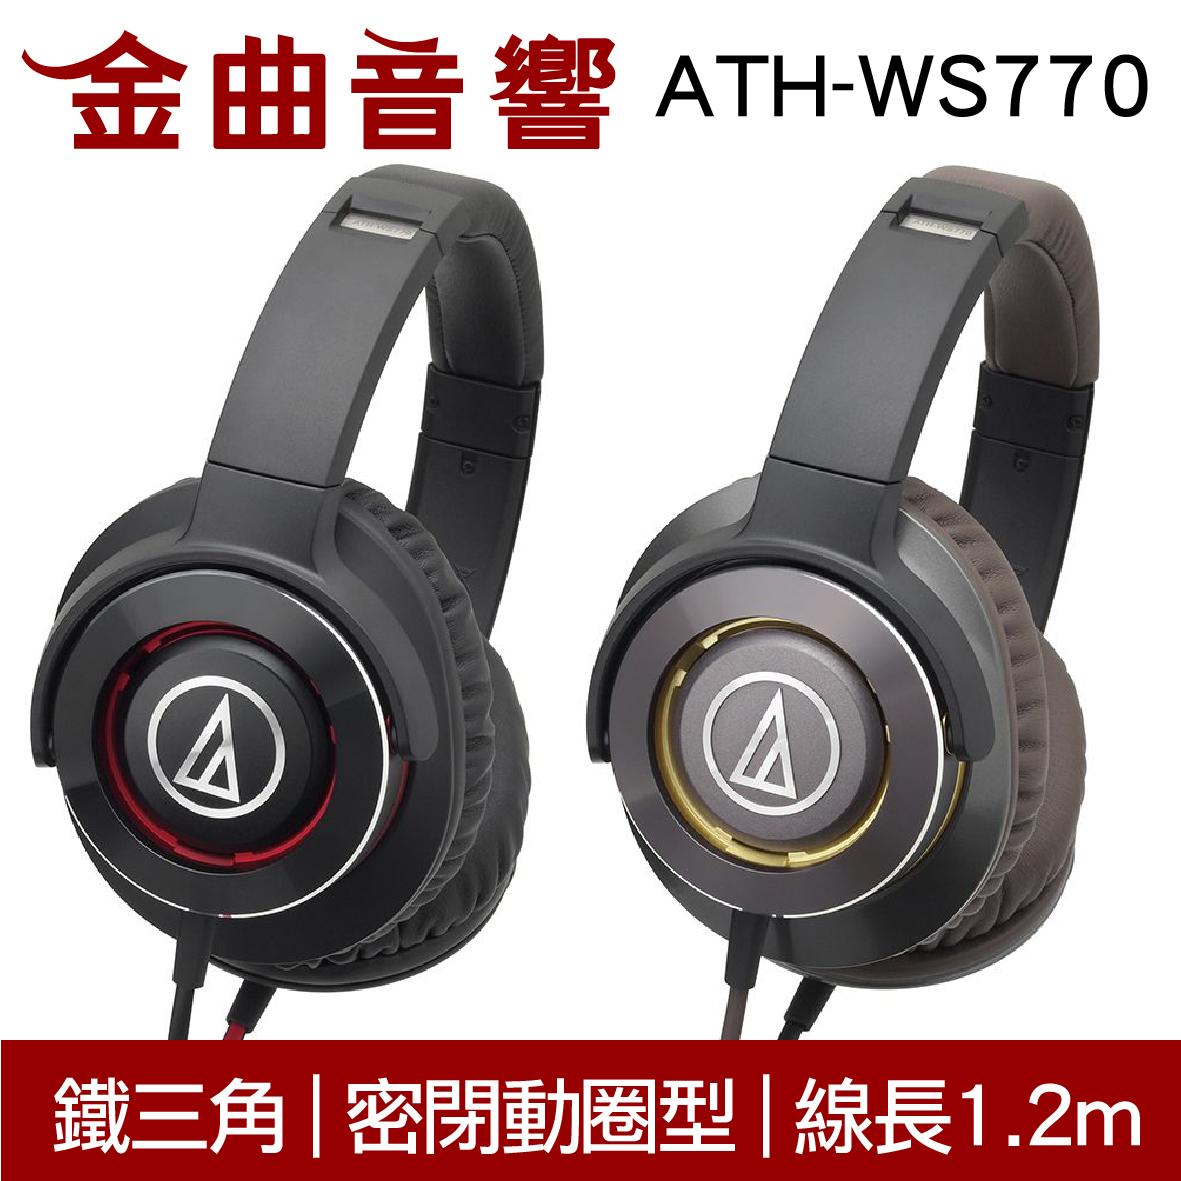 鐵三角 ATH-WS770 深黑色 SOLID BASS 重低音 耳罩式耳機 | 金曲音響